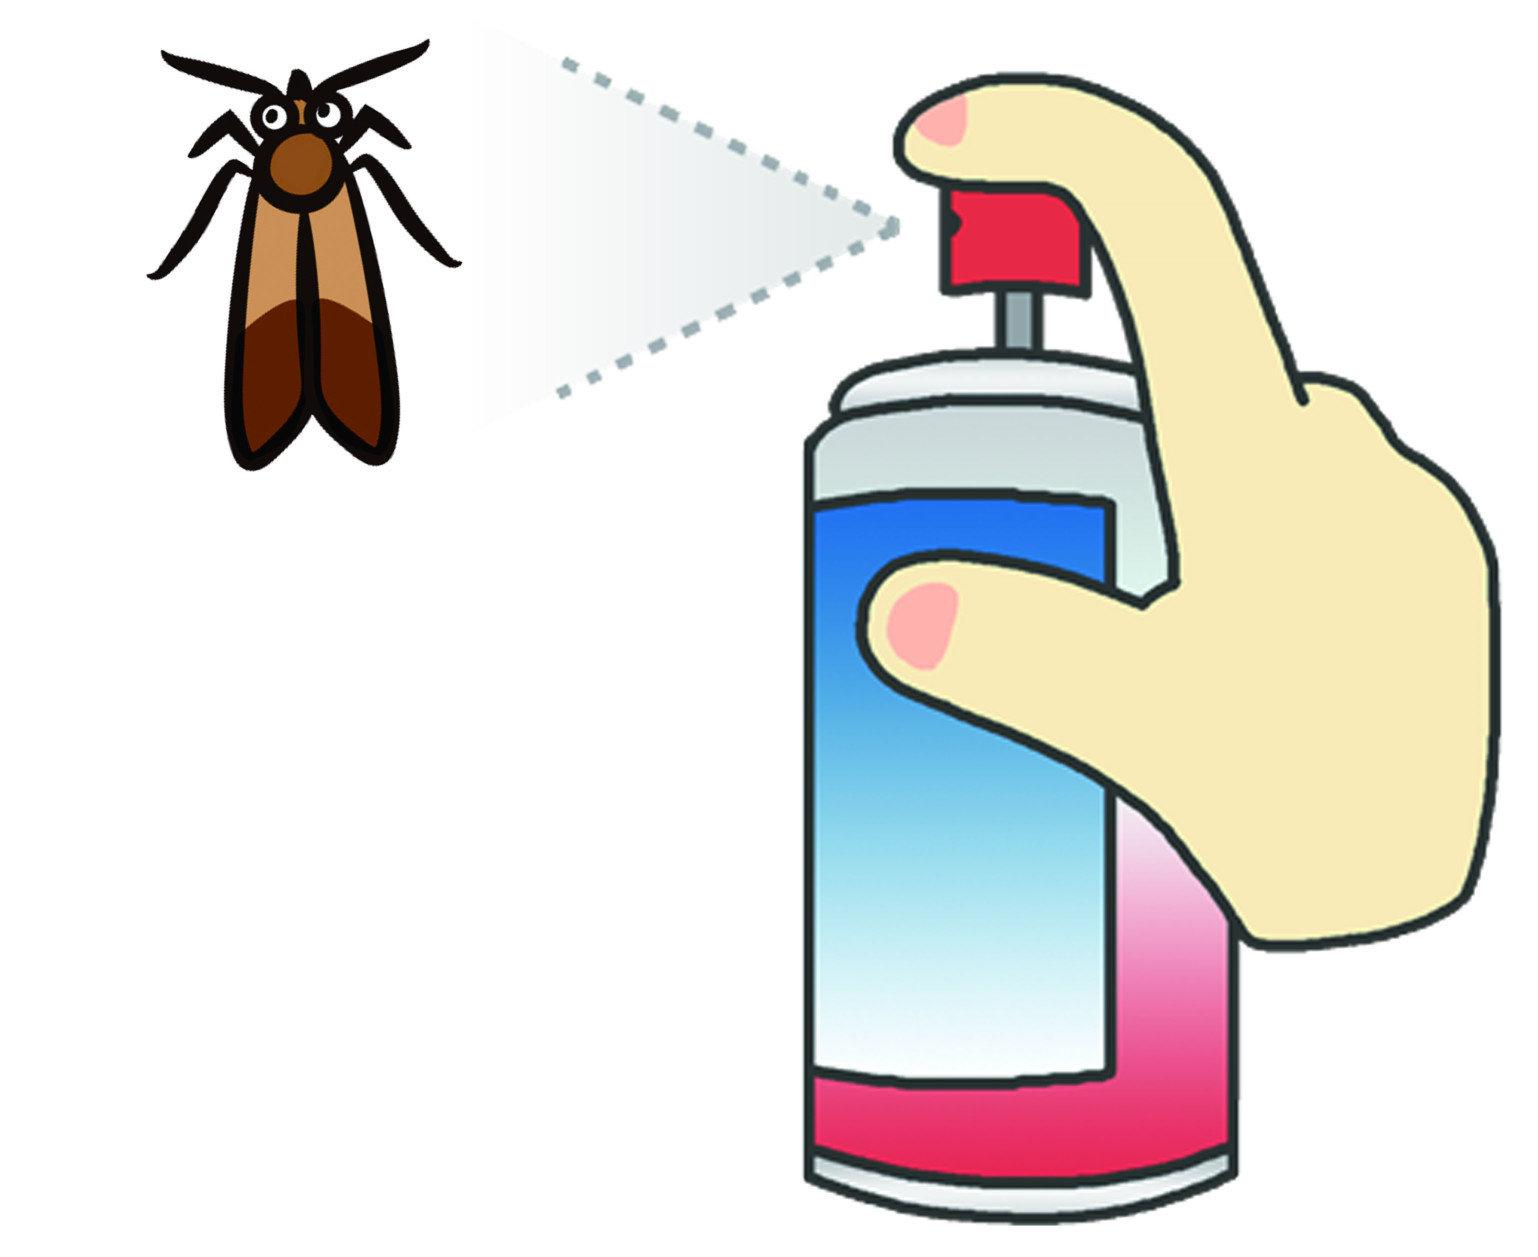 因為印度穀蛾多半生活在糧食堆中,當家中、穀倉面對此蟲危害時,絕對不能使用大家面對害蟲時,習慣使用的殺蟲劑。儘管這類殺蟲劑大家都能輕易購買使用,也確實能殺死大部分害蟲。